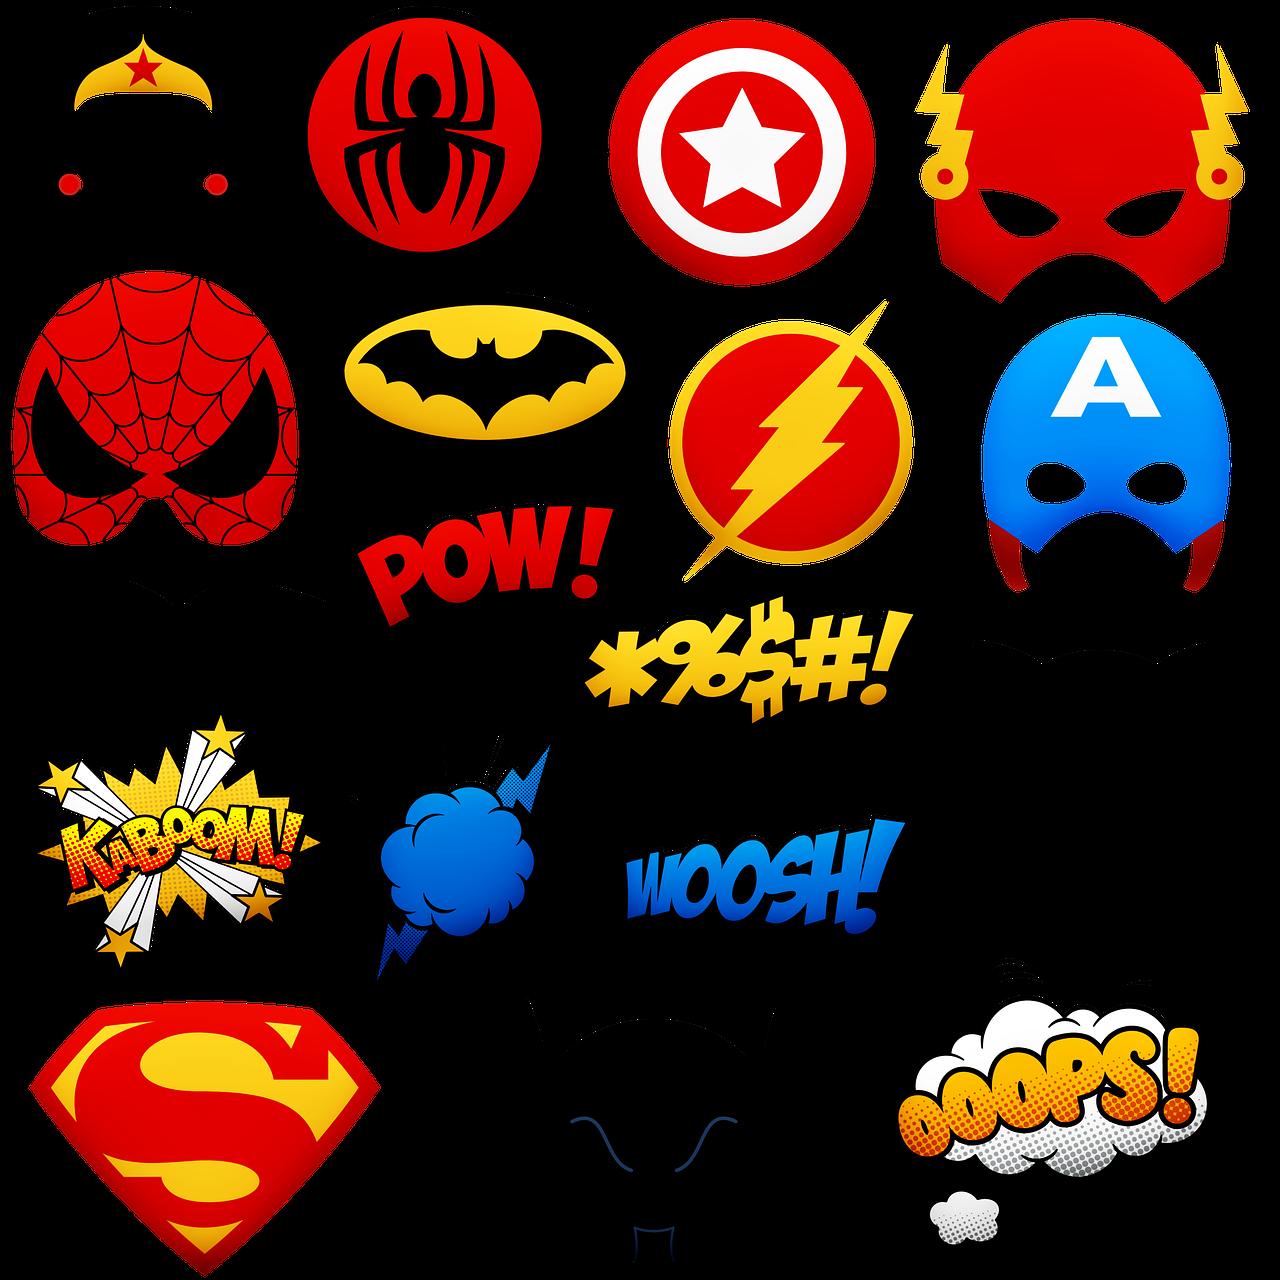 Эмблемы супергероев марвел картинки